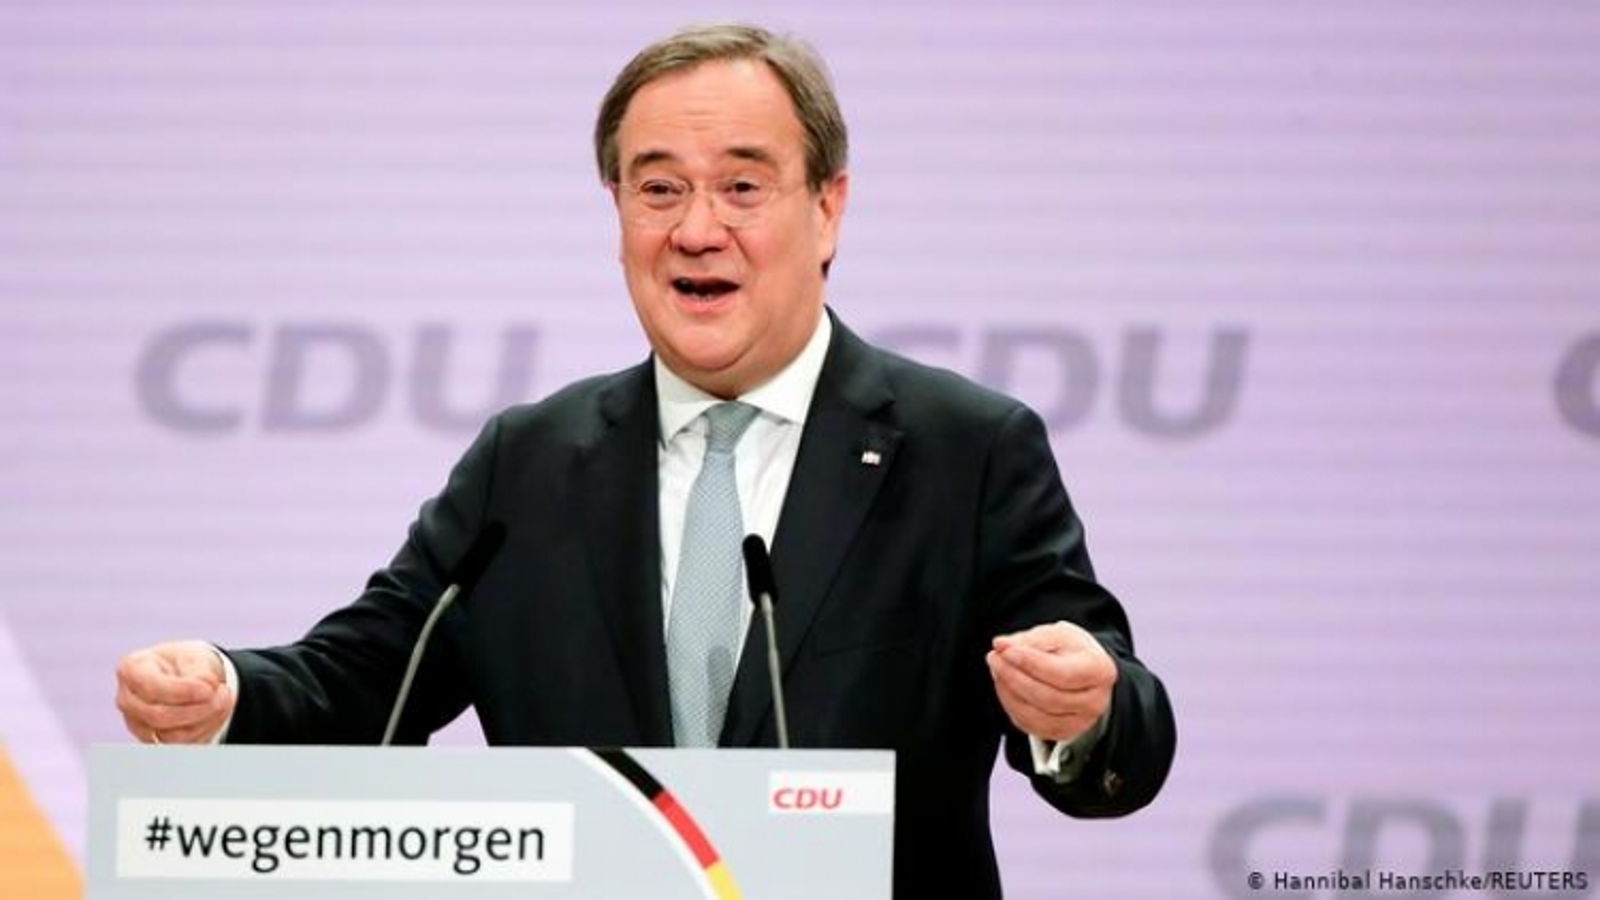 Thách thức và cơ hội đối với tân Chủ tịch CDU của Đức